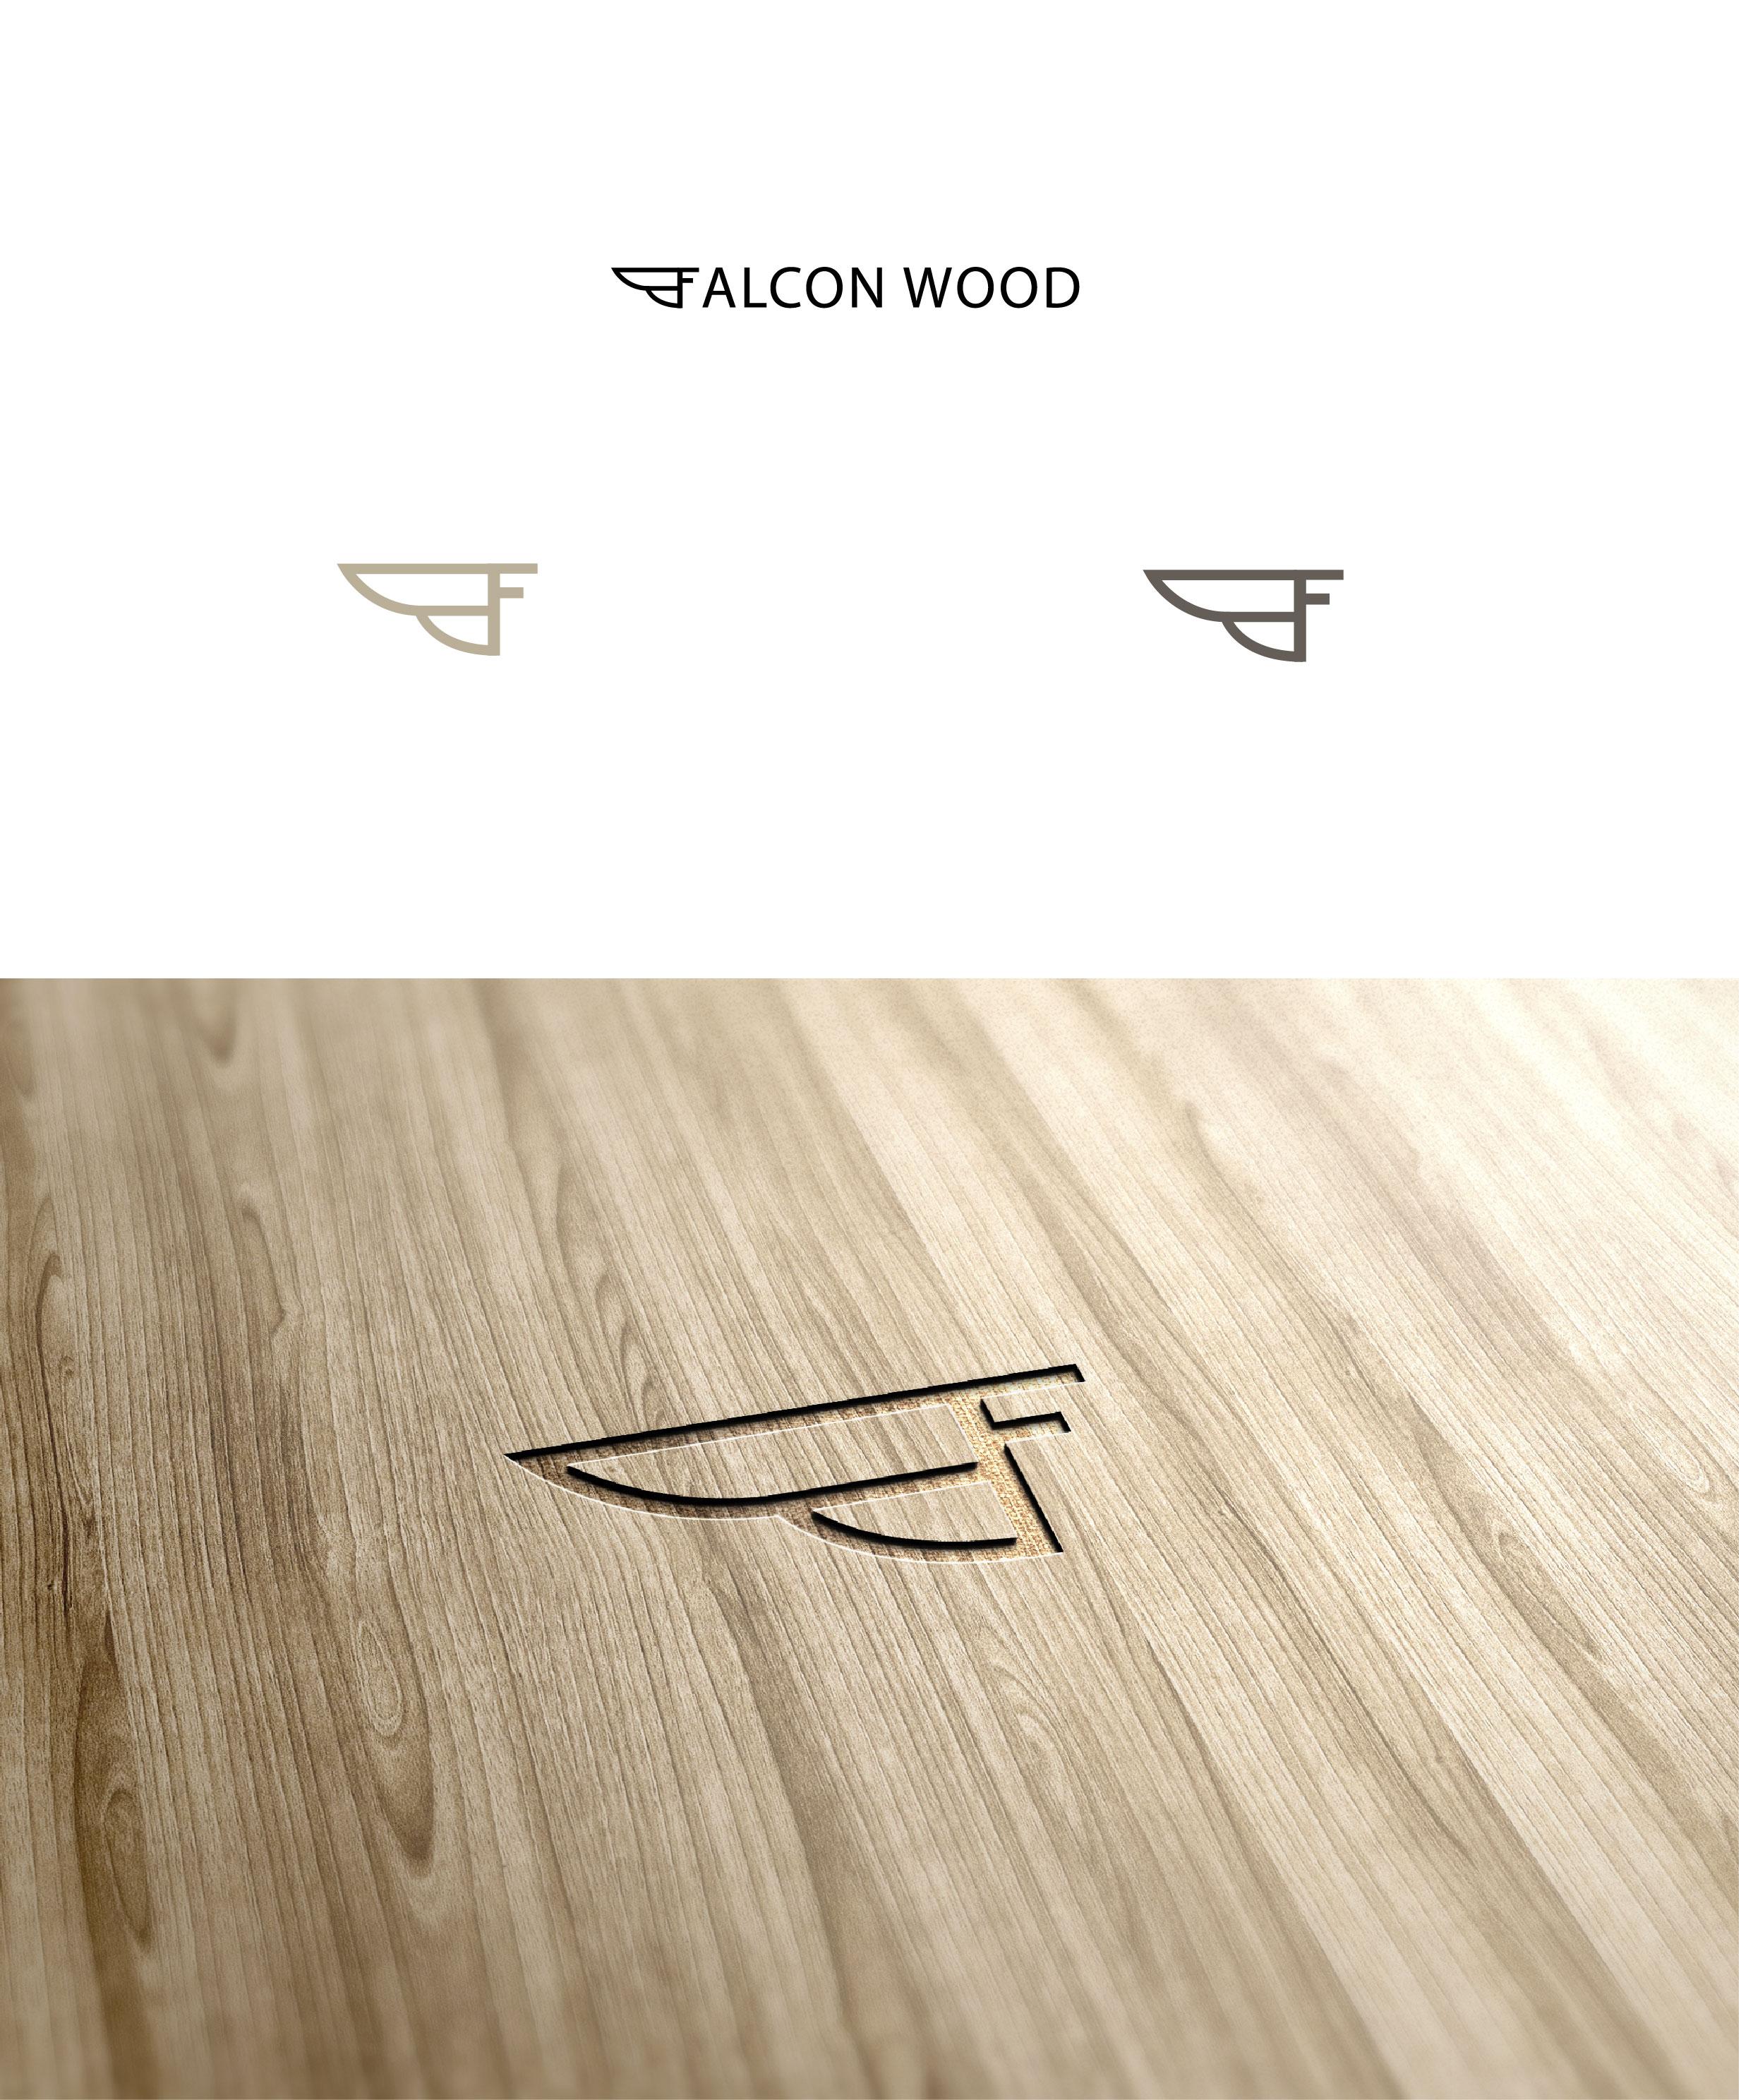 Дизайн логотипа столярной мастерской фото f_3825d03aad0728c5.jpg